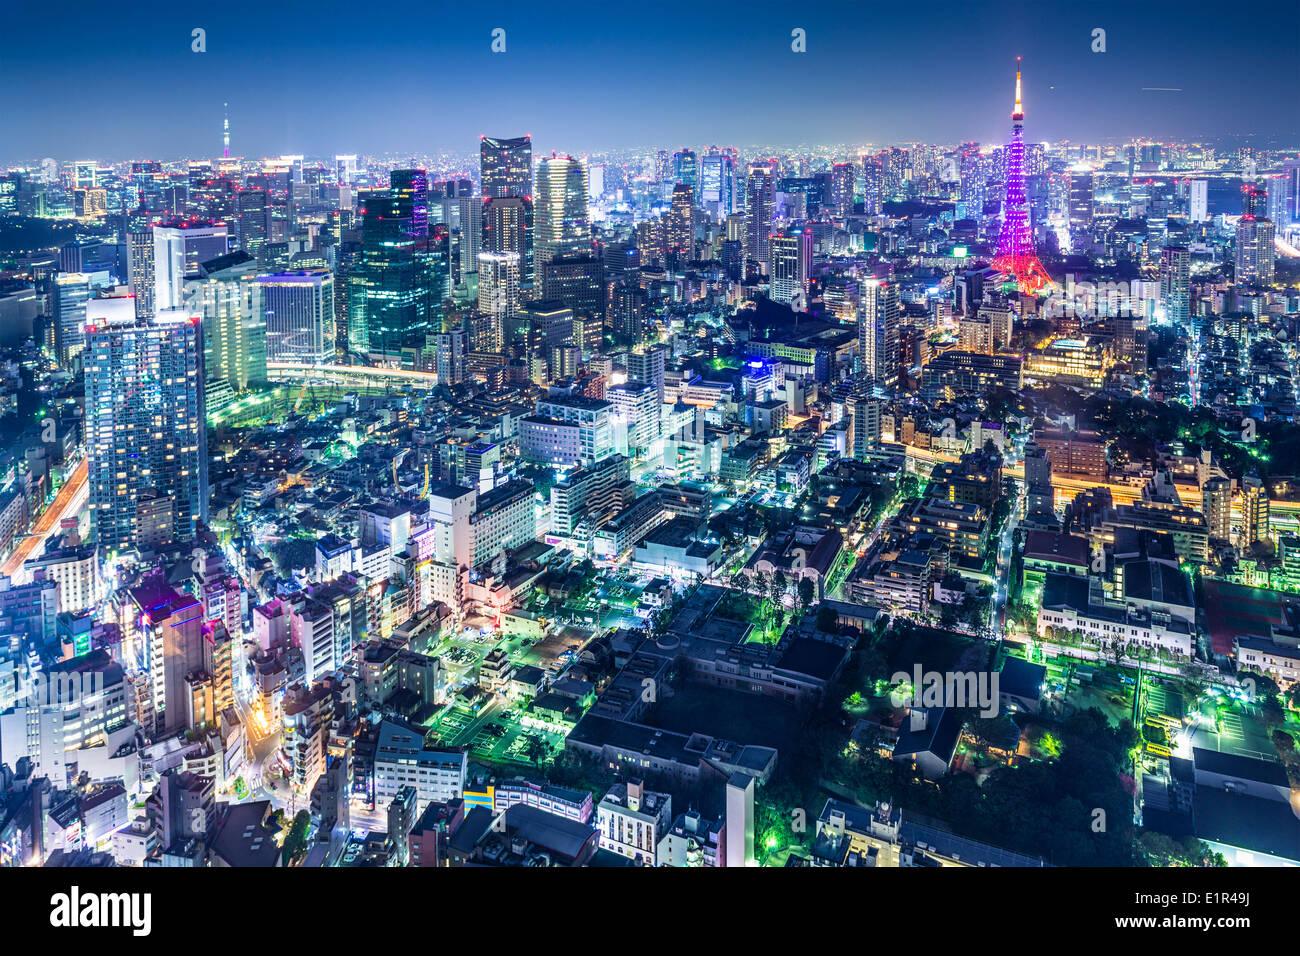 Tokyo, Giappone skyline della città con la Torre di Tokyo e Tokyo Skytree nella distanza. Immagini Stock